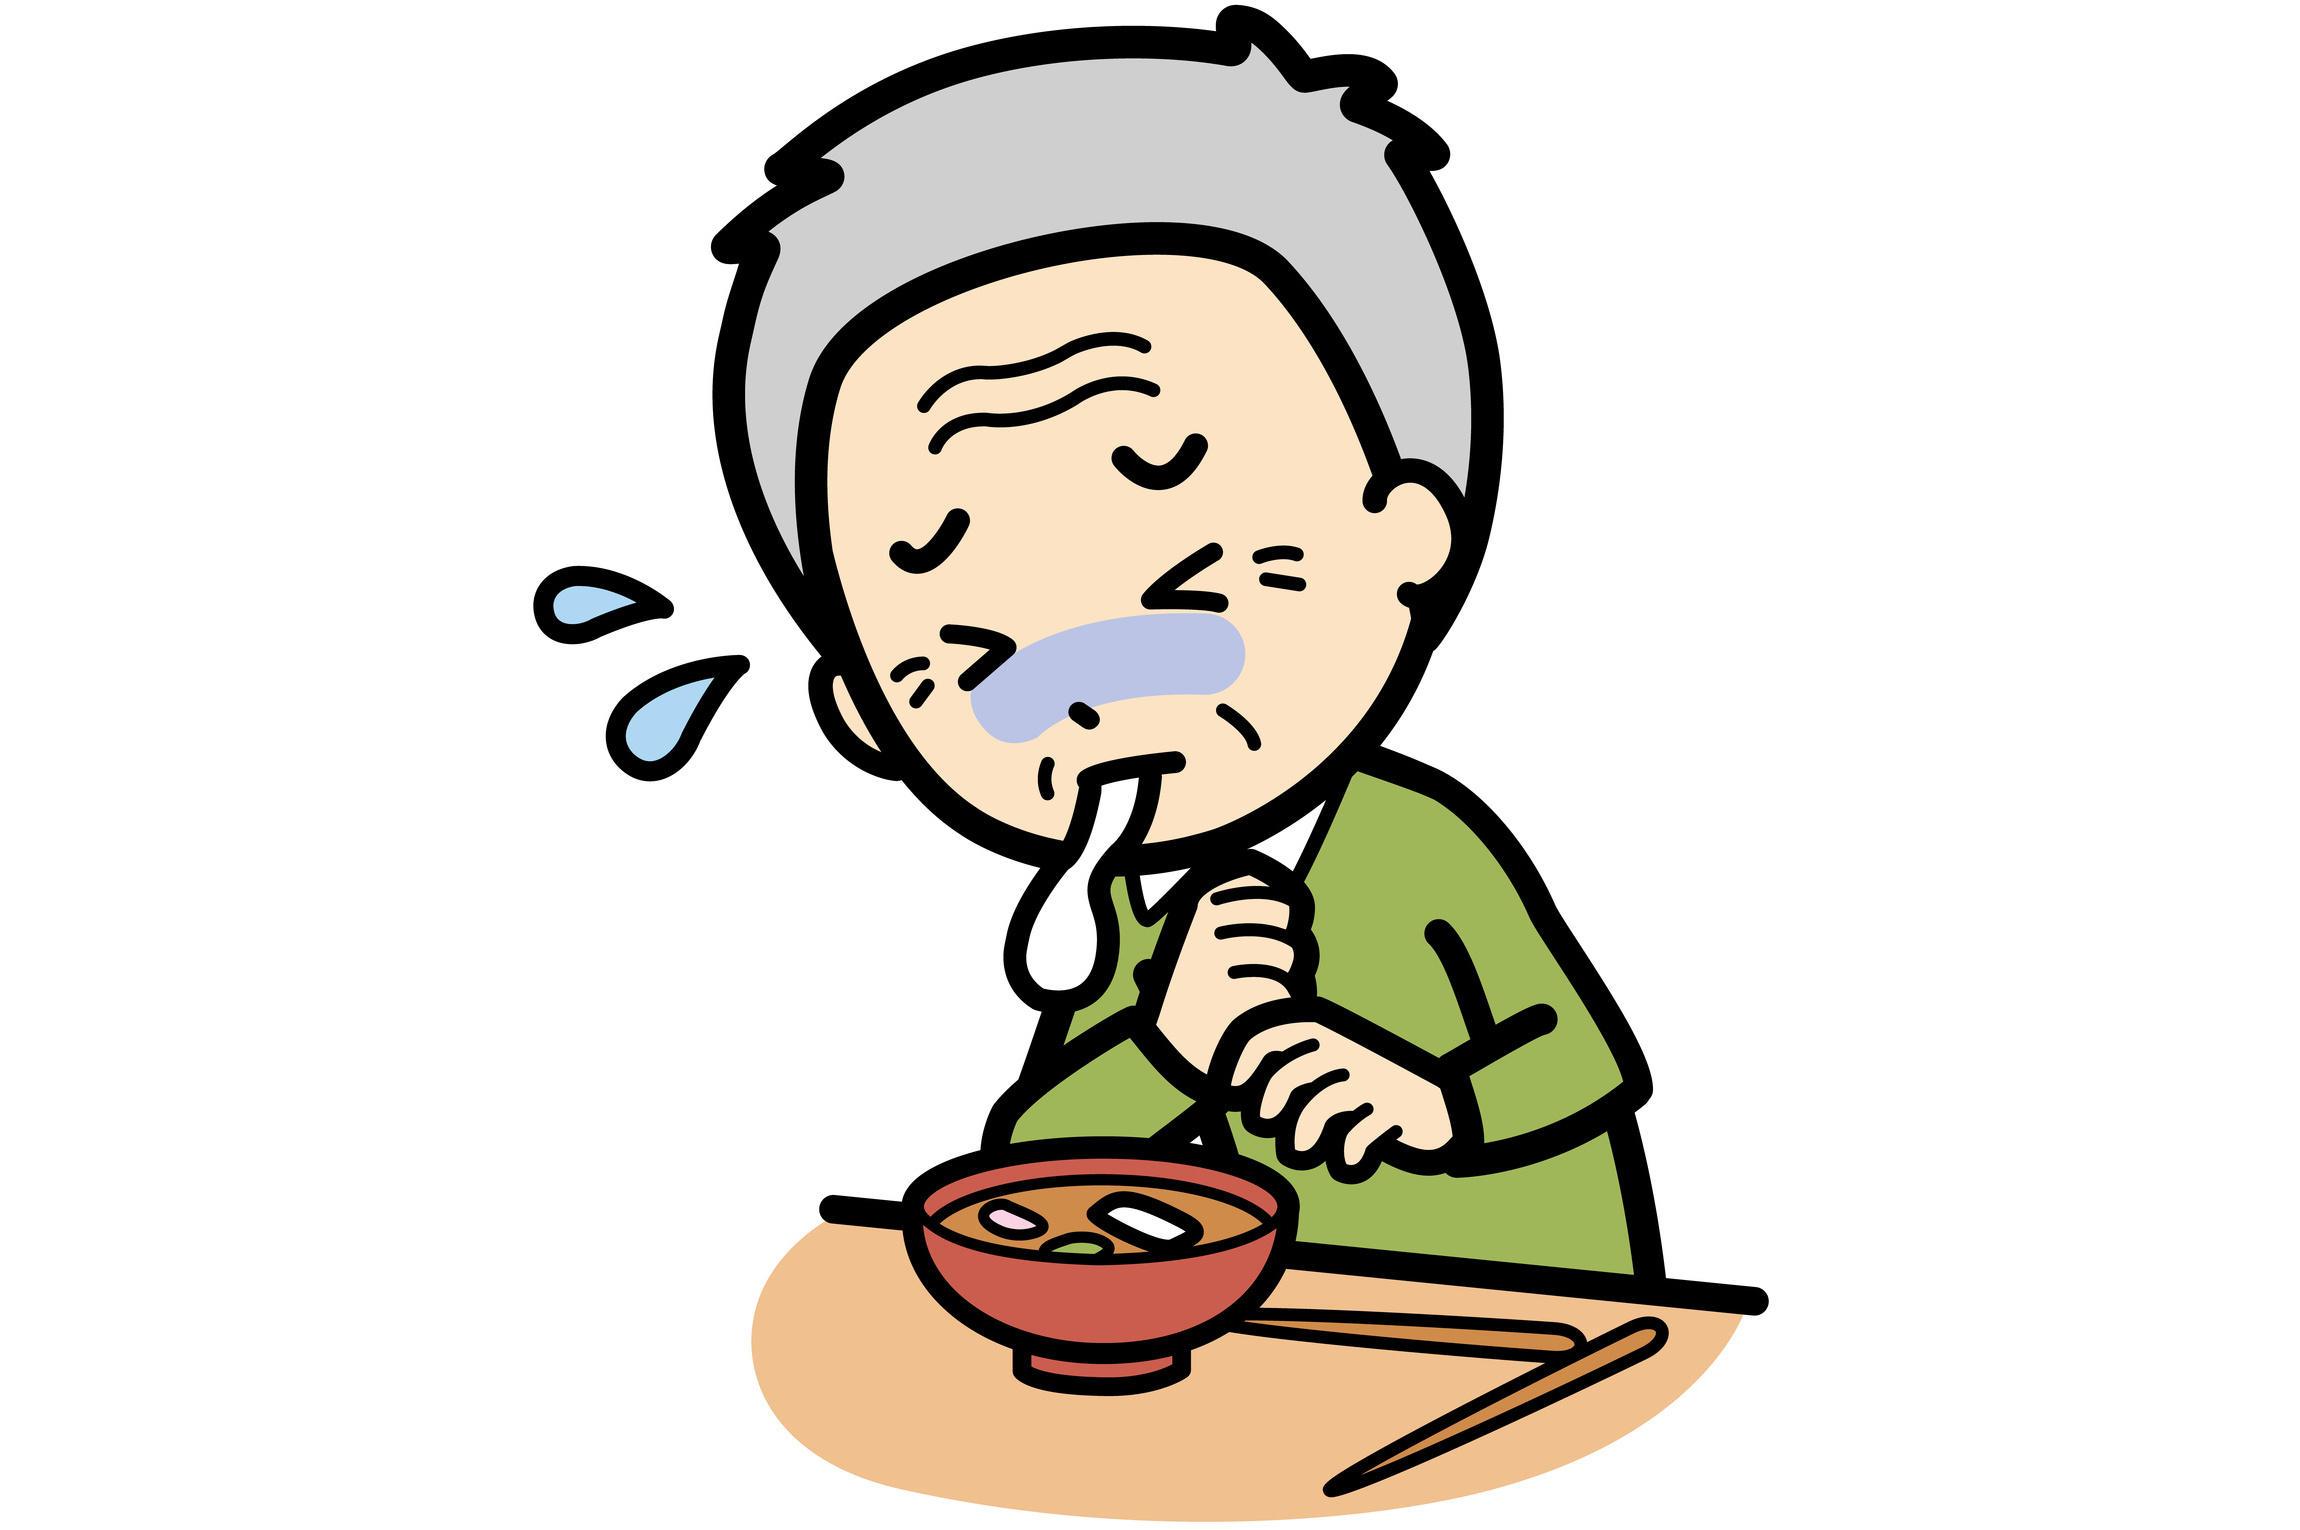 ご高齢者の食べる能力に合わせた食事とは? 食形態から考える介護食 ...